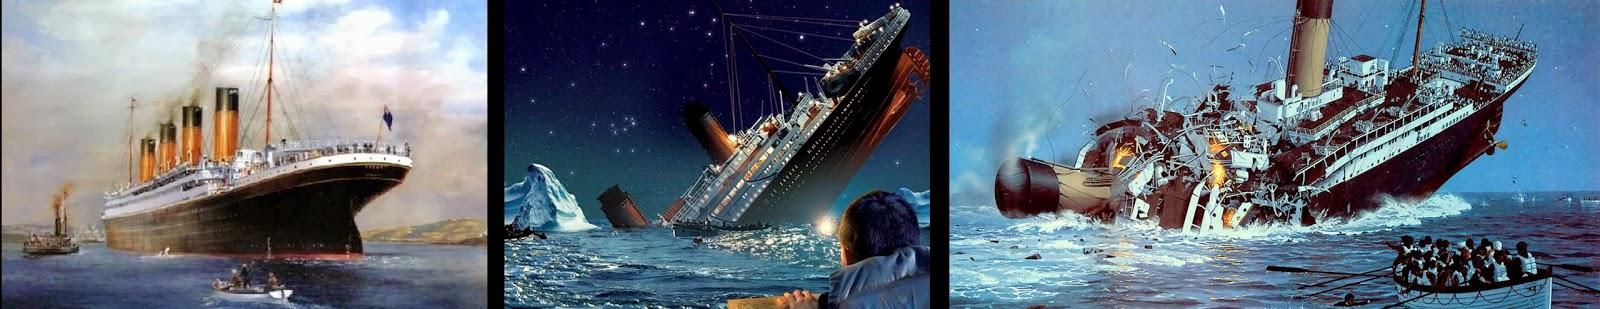 Rumbo al misterio el titanic premonici n o casualidad - Todo sobre barcos ...